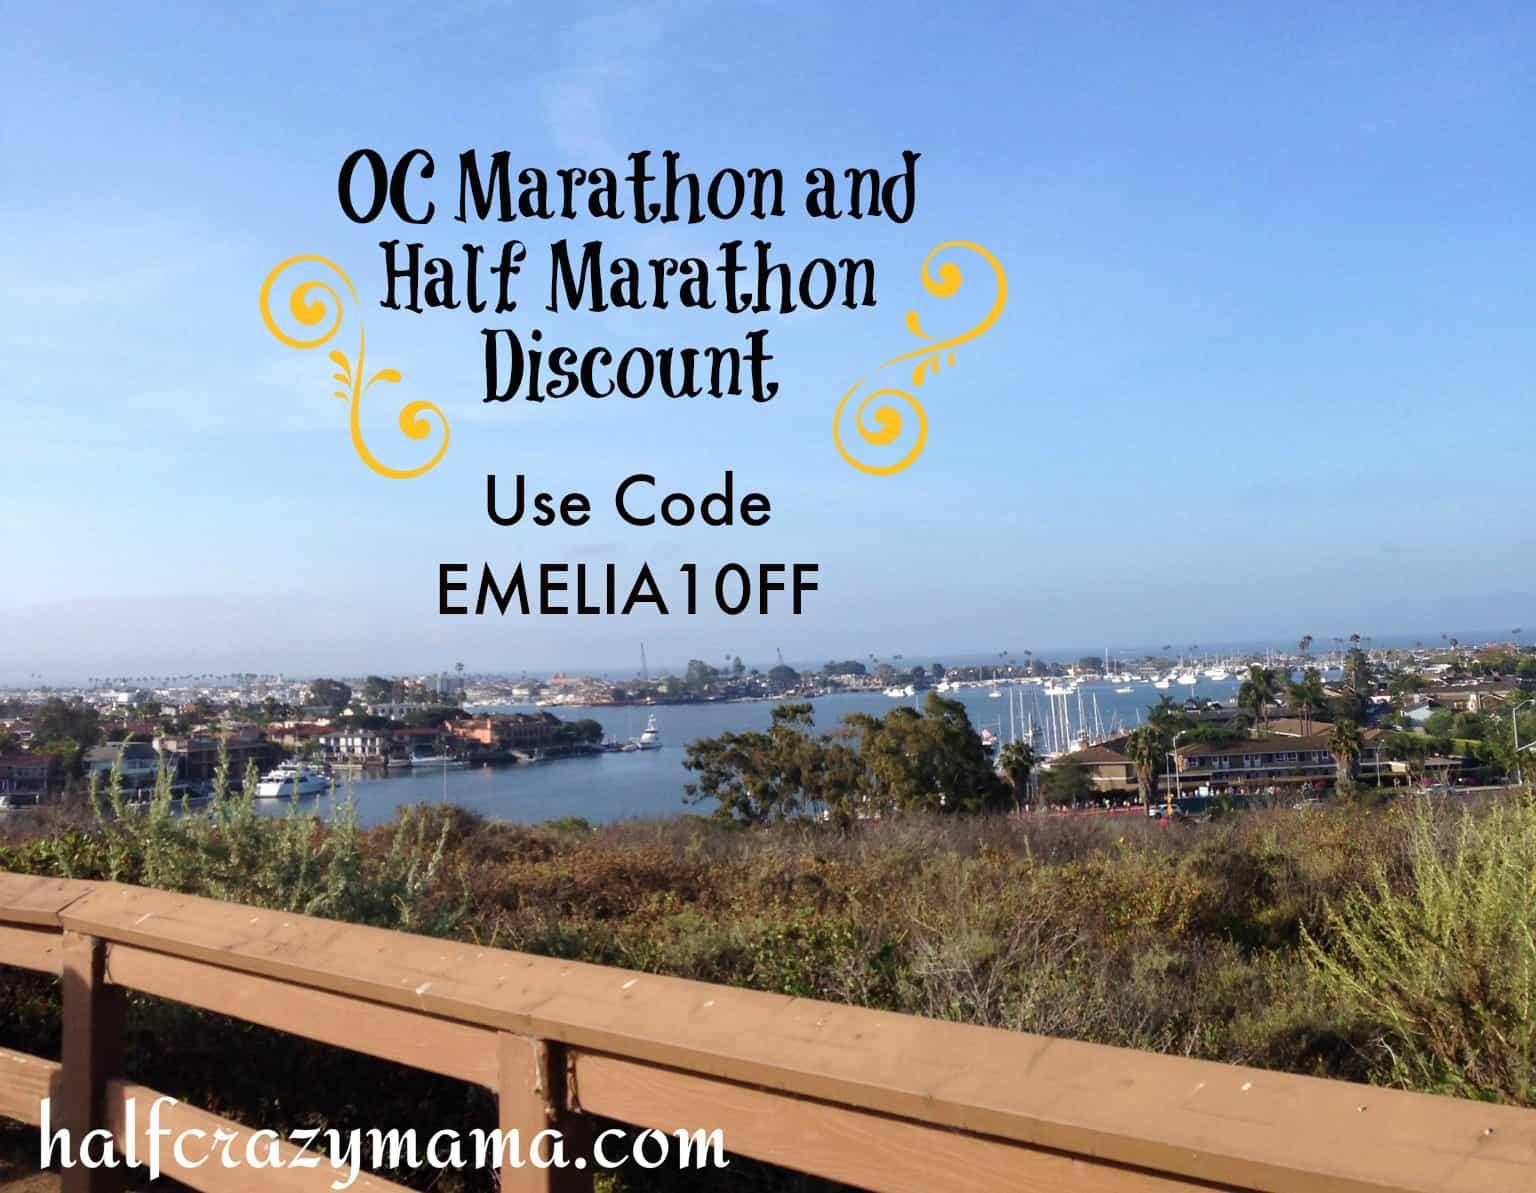 oc marathon discount